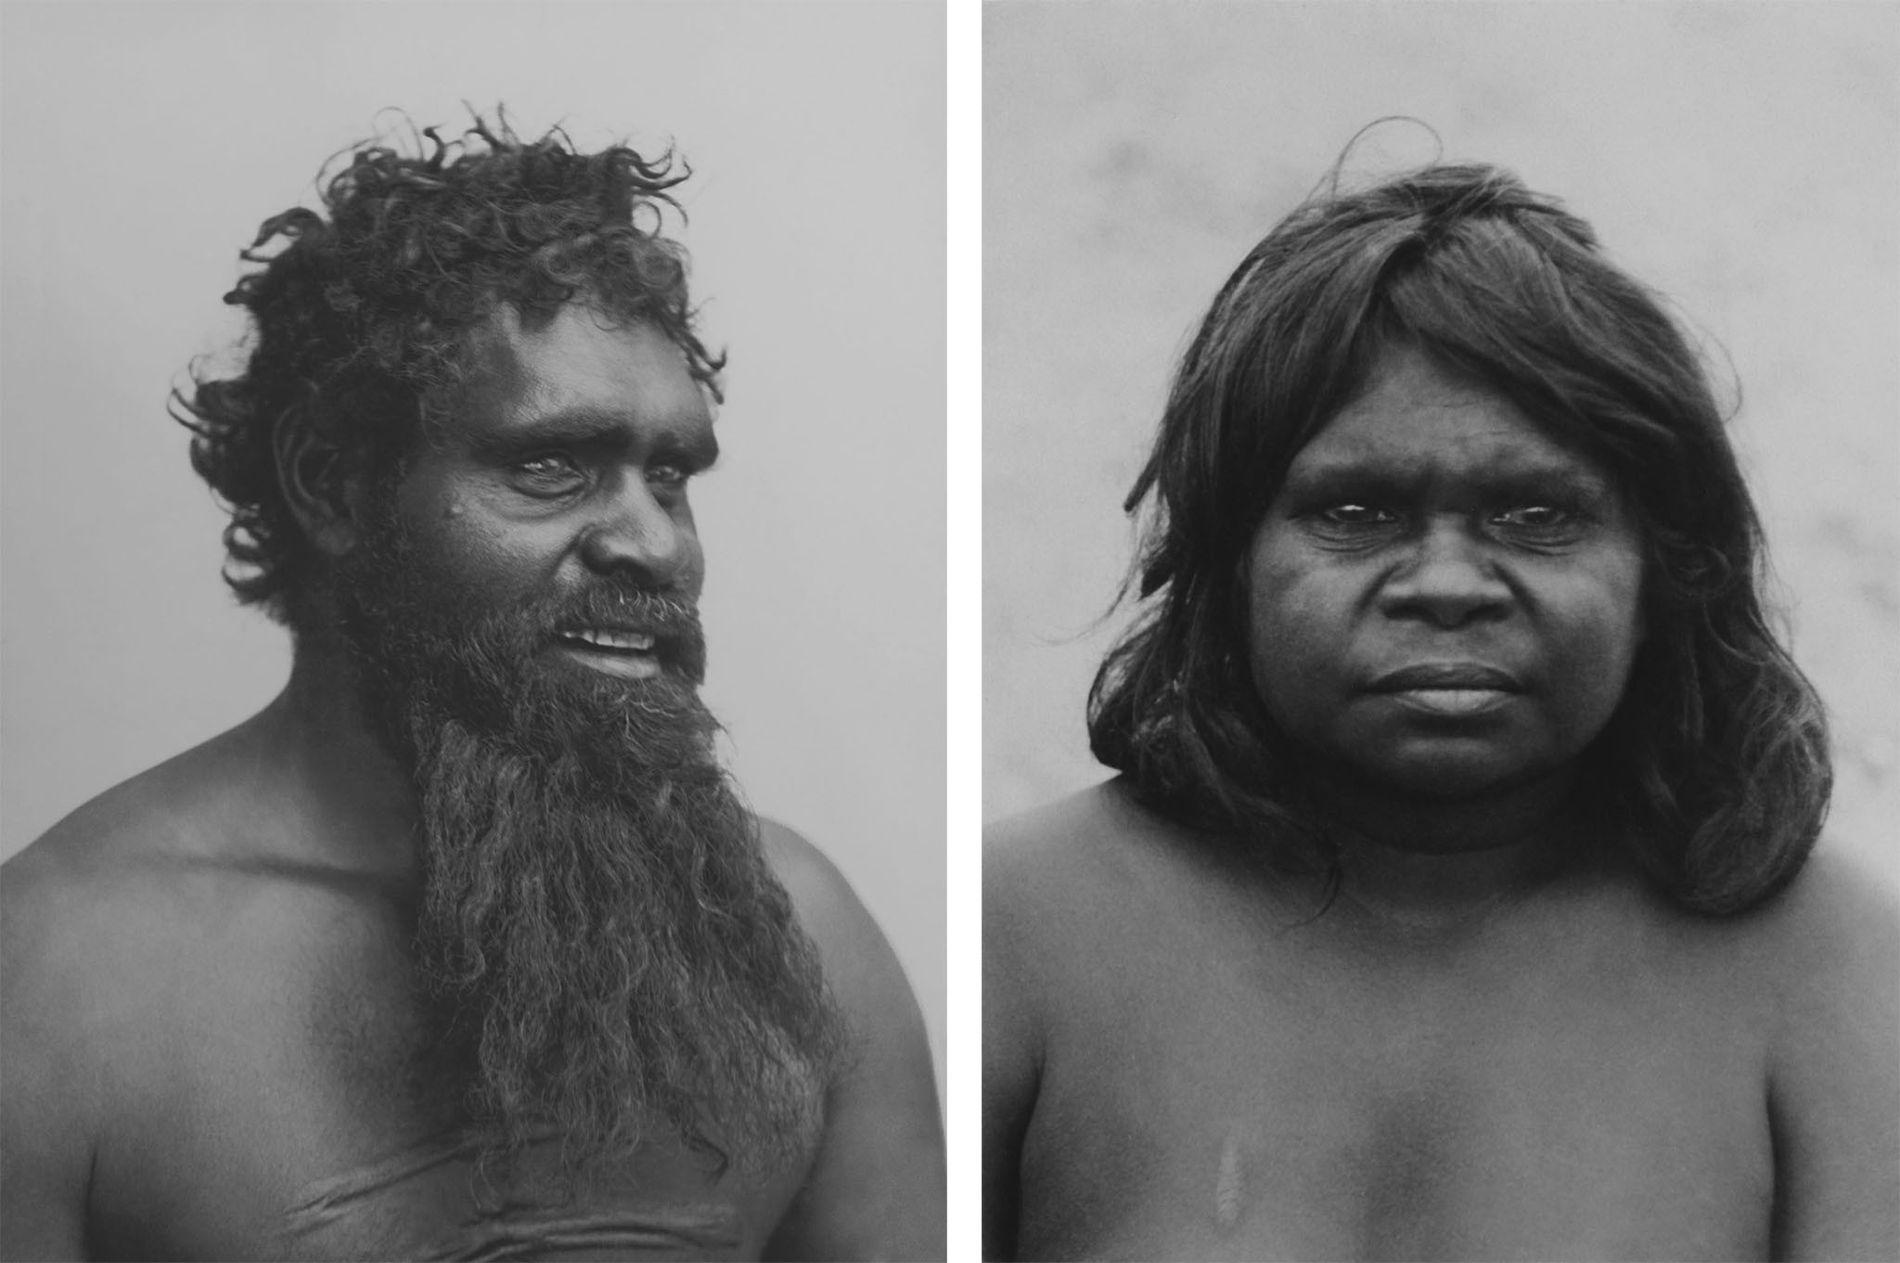 """Em uma edição dedicada à Austrália em 1916, os aborígenes eram """"selvagens"""", que """"estão entre os menos inteligentes de todos os seres humanos""""."""